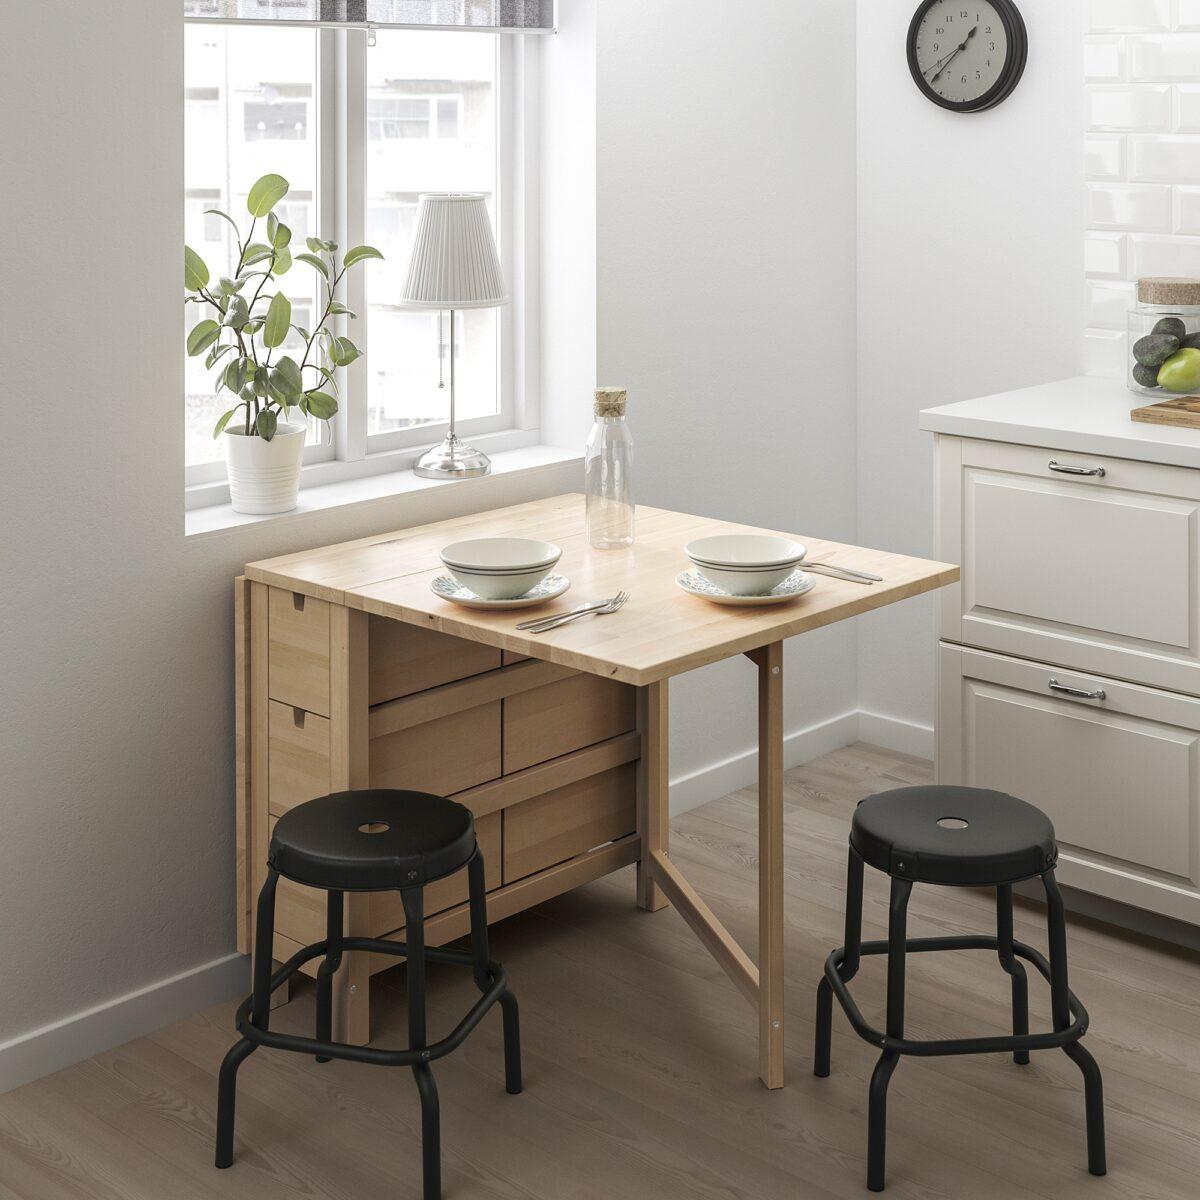 tavolo-da-cucina-cassettiera-9